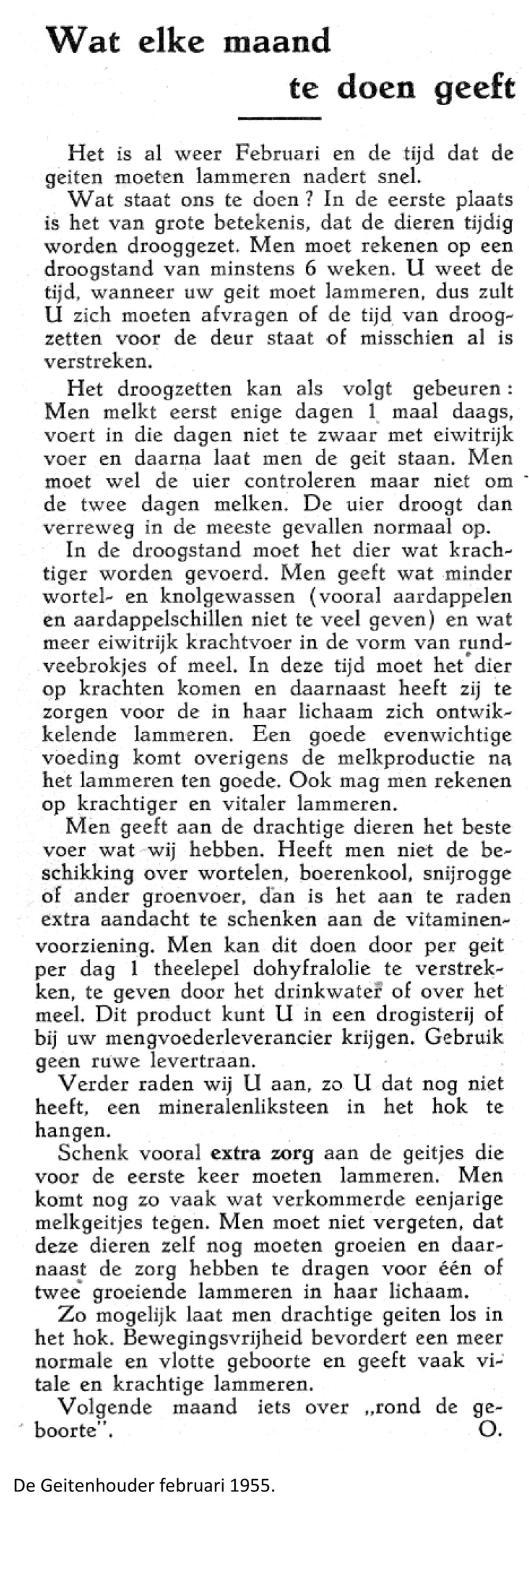 de-geitenhouder-februari-1955